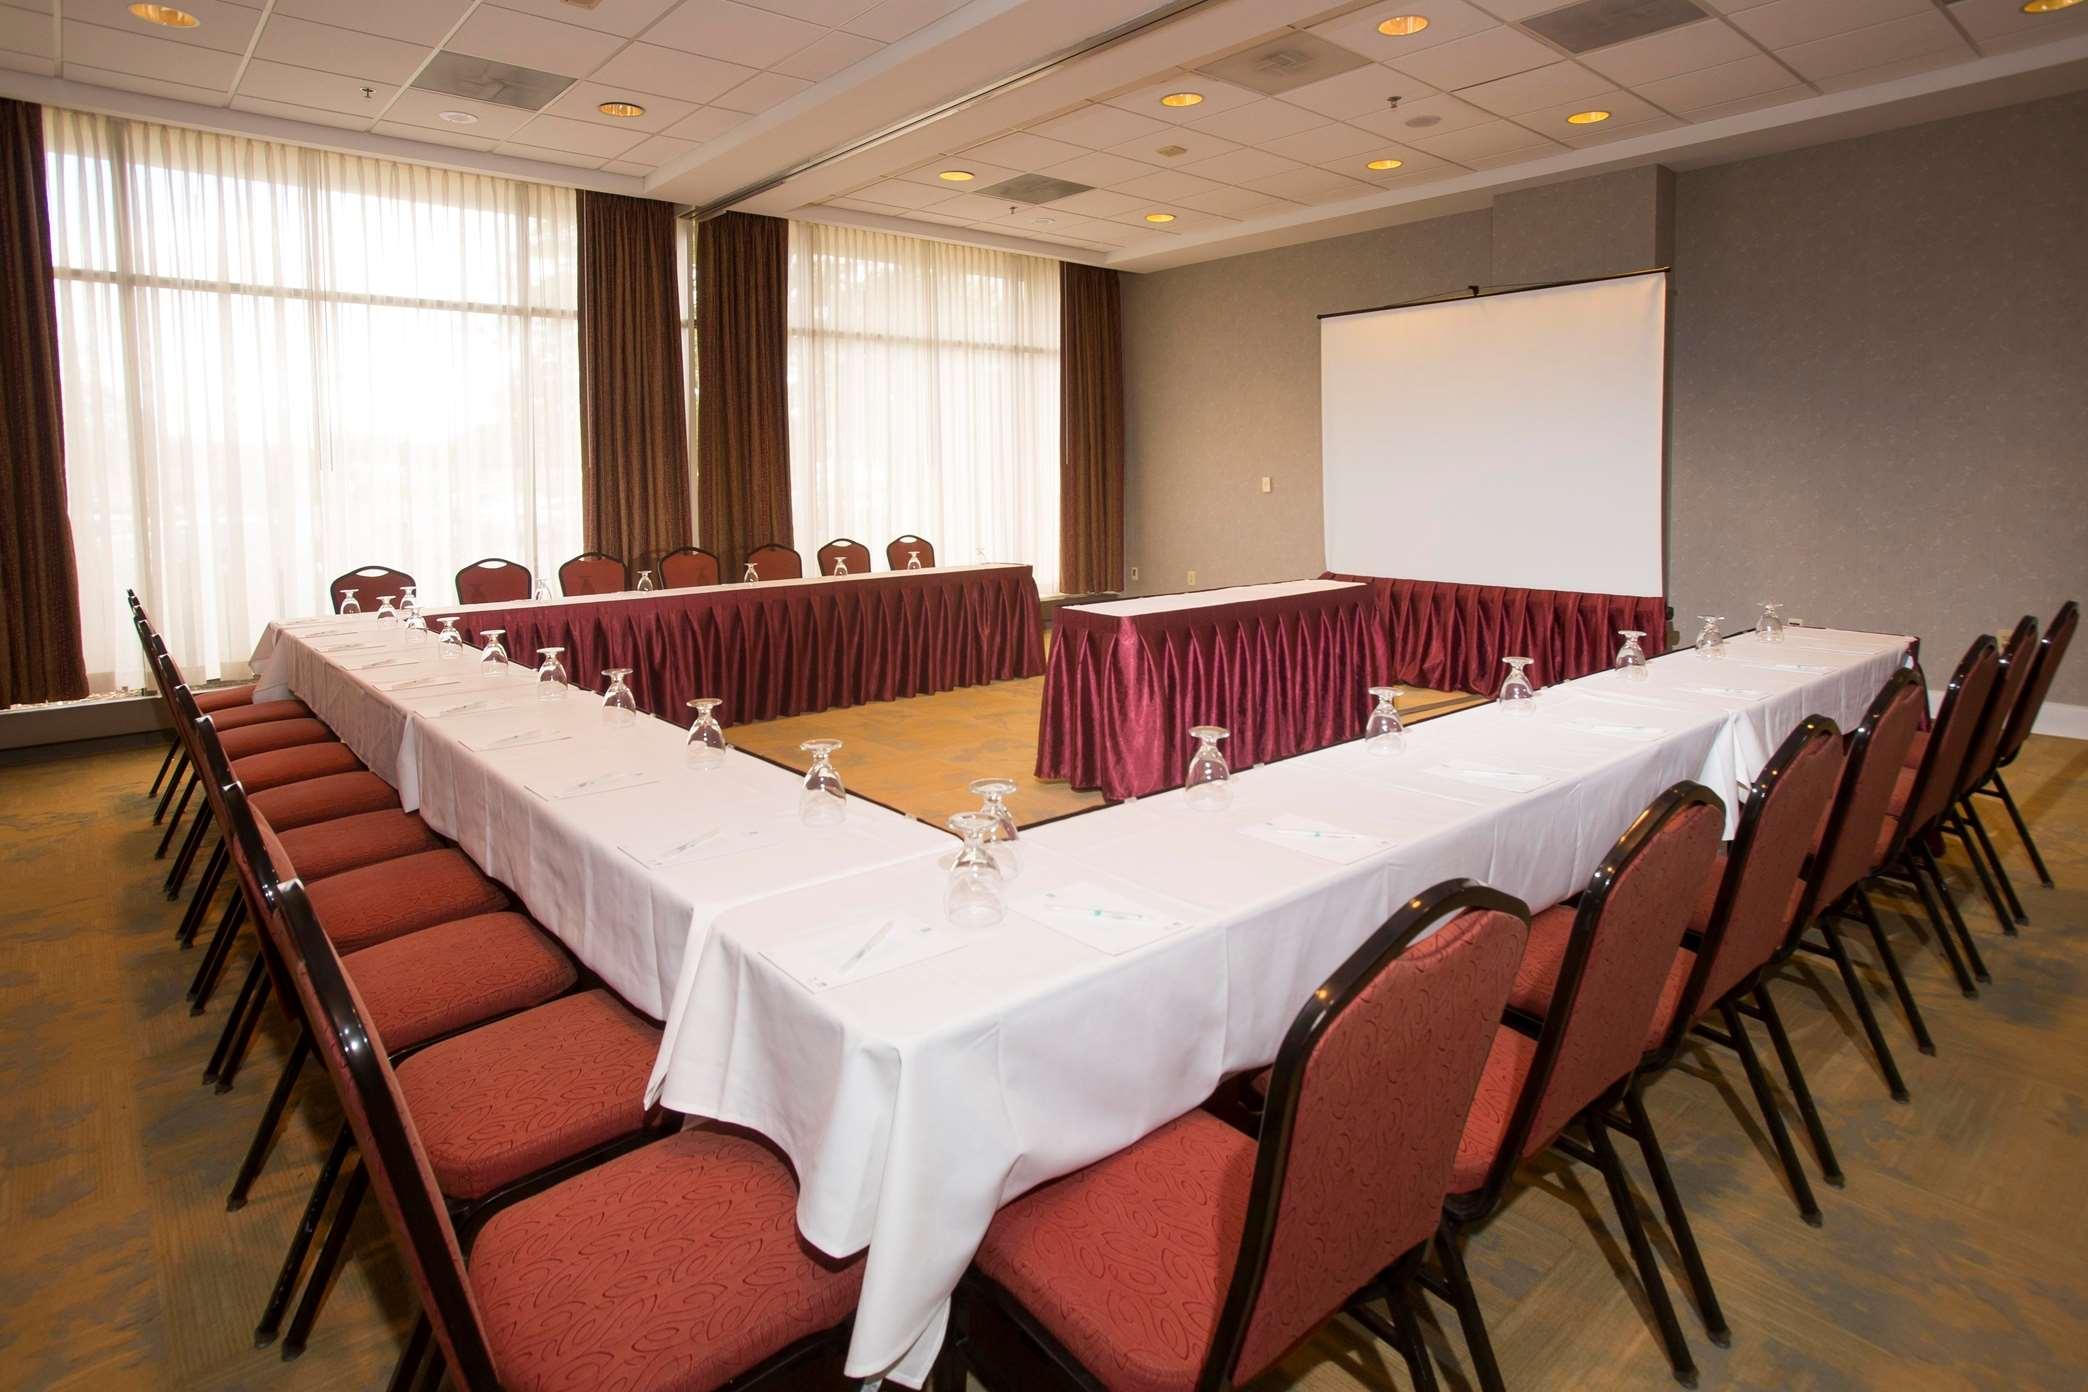 Embassy Suites by Hilton Detroit Troy Auburn Hills image 34